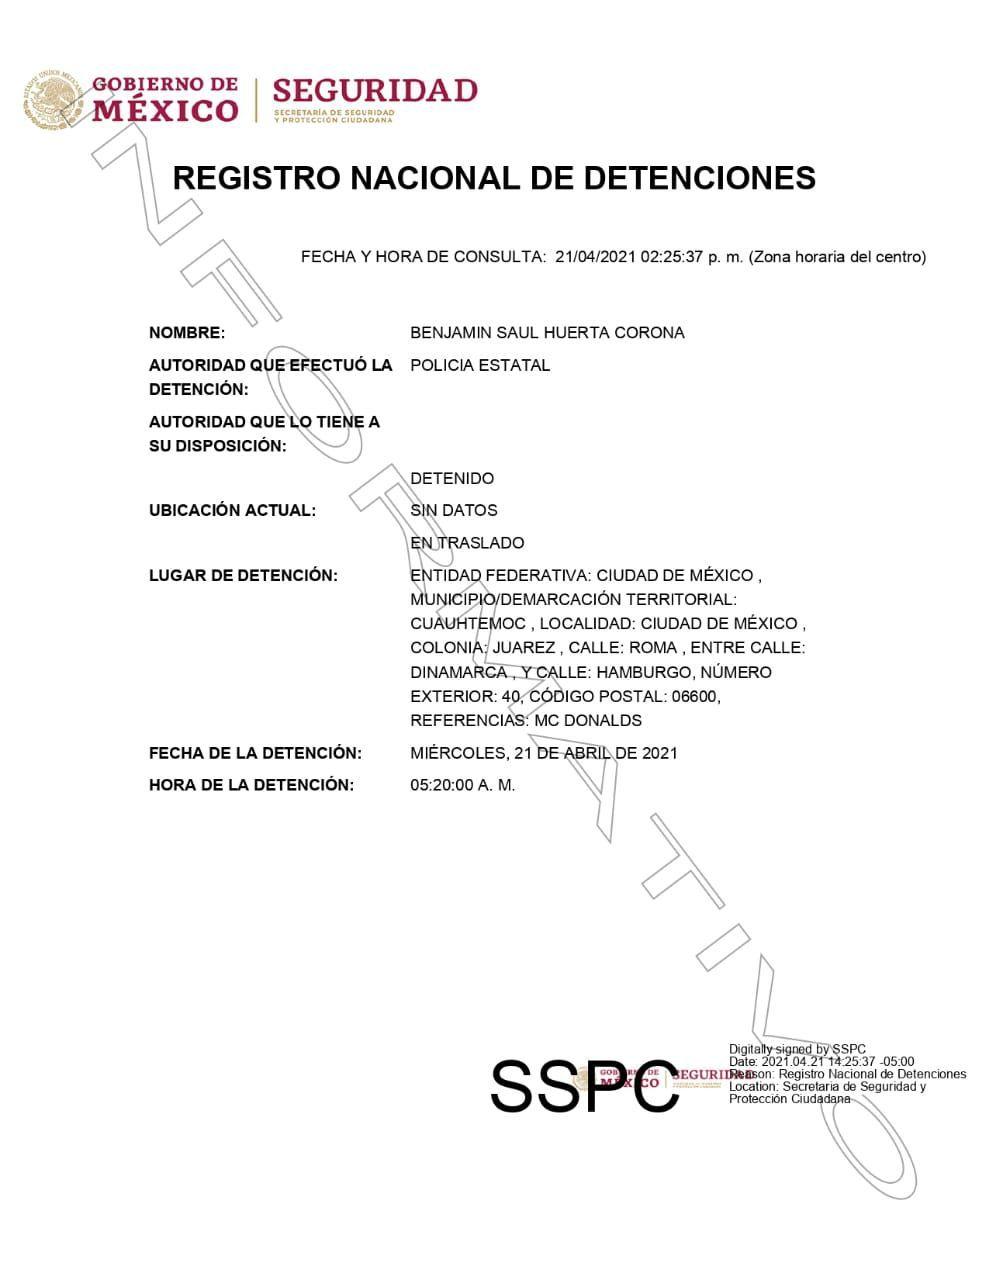 En el Registro Nacional de Detenciones ya aparecer Benjamín Saúl Huerta Corona.